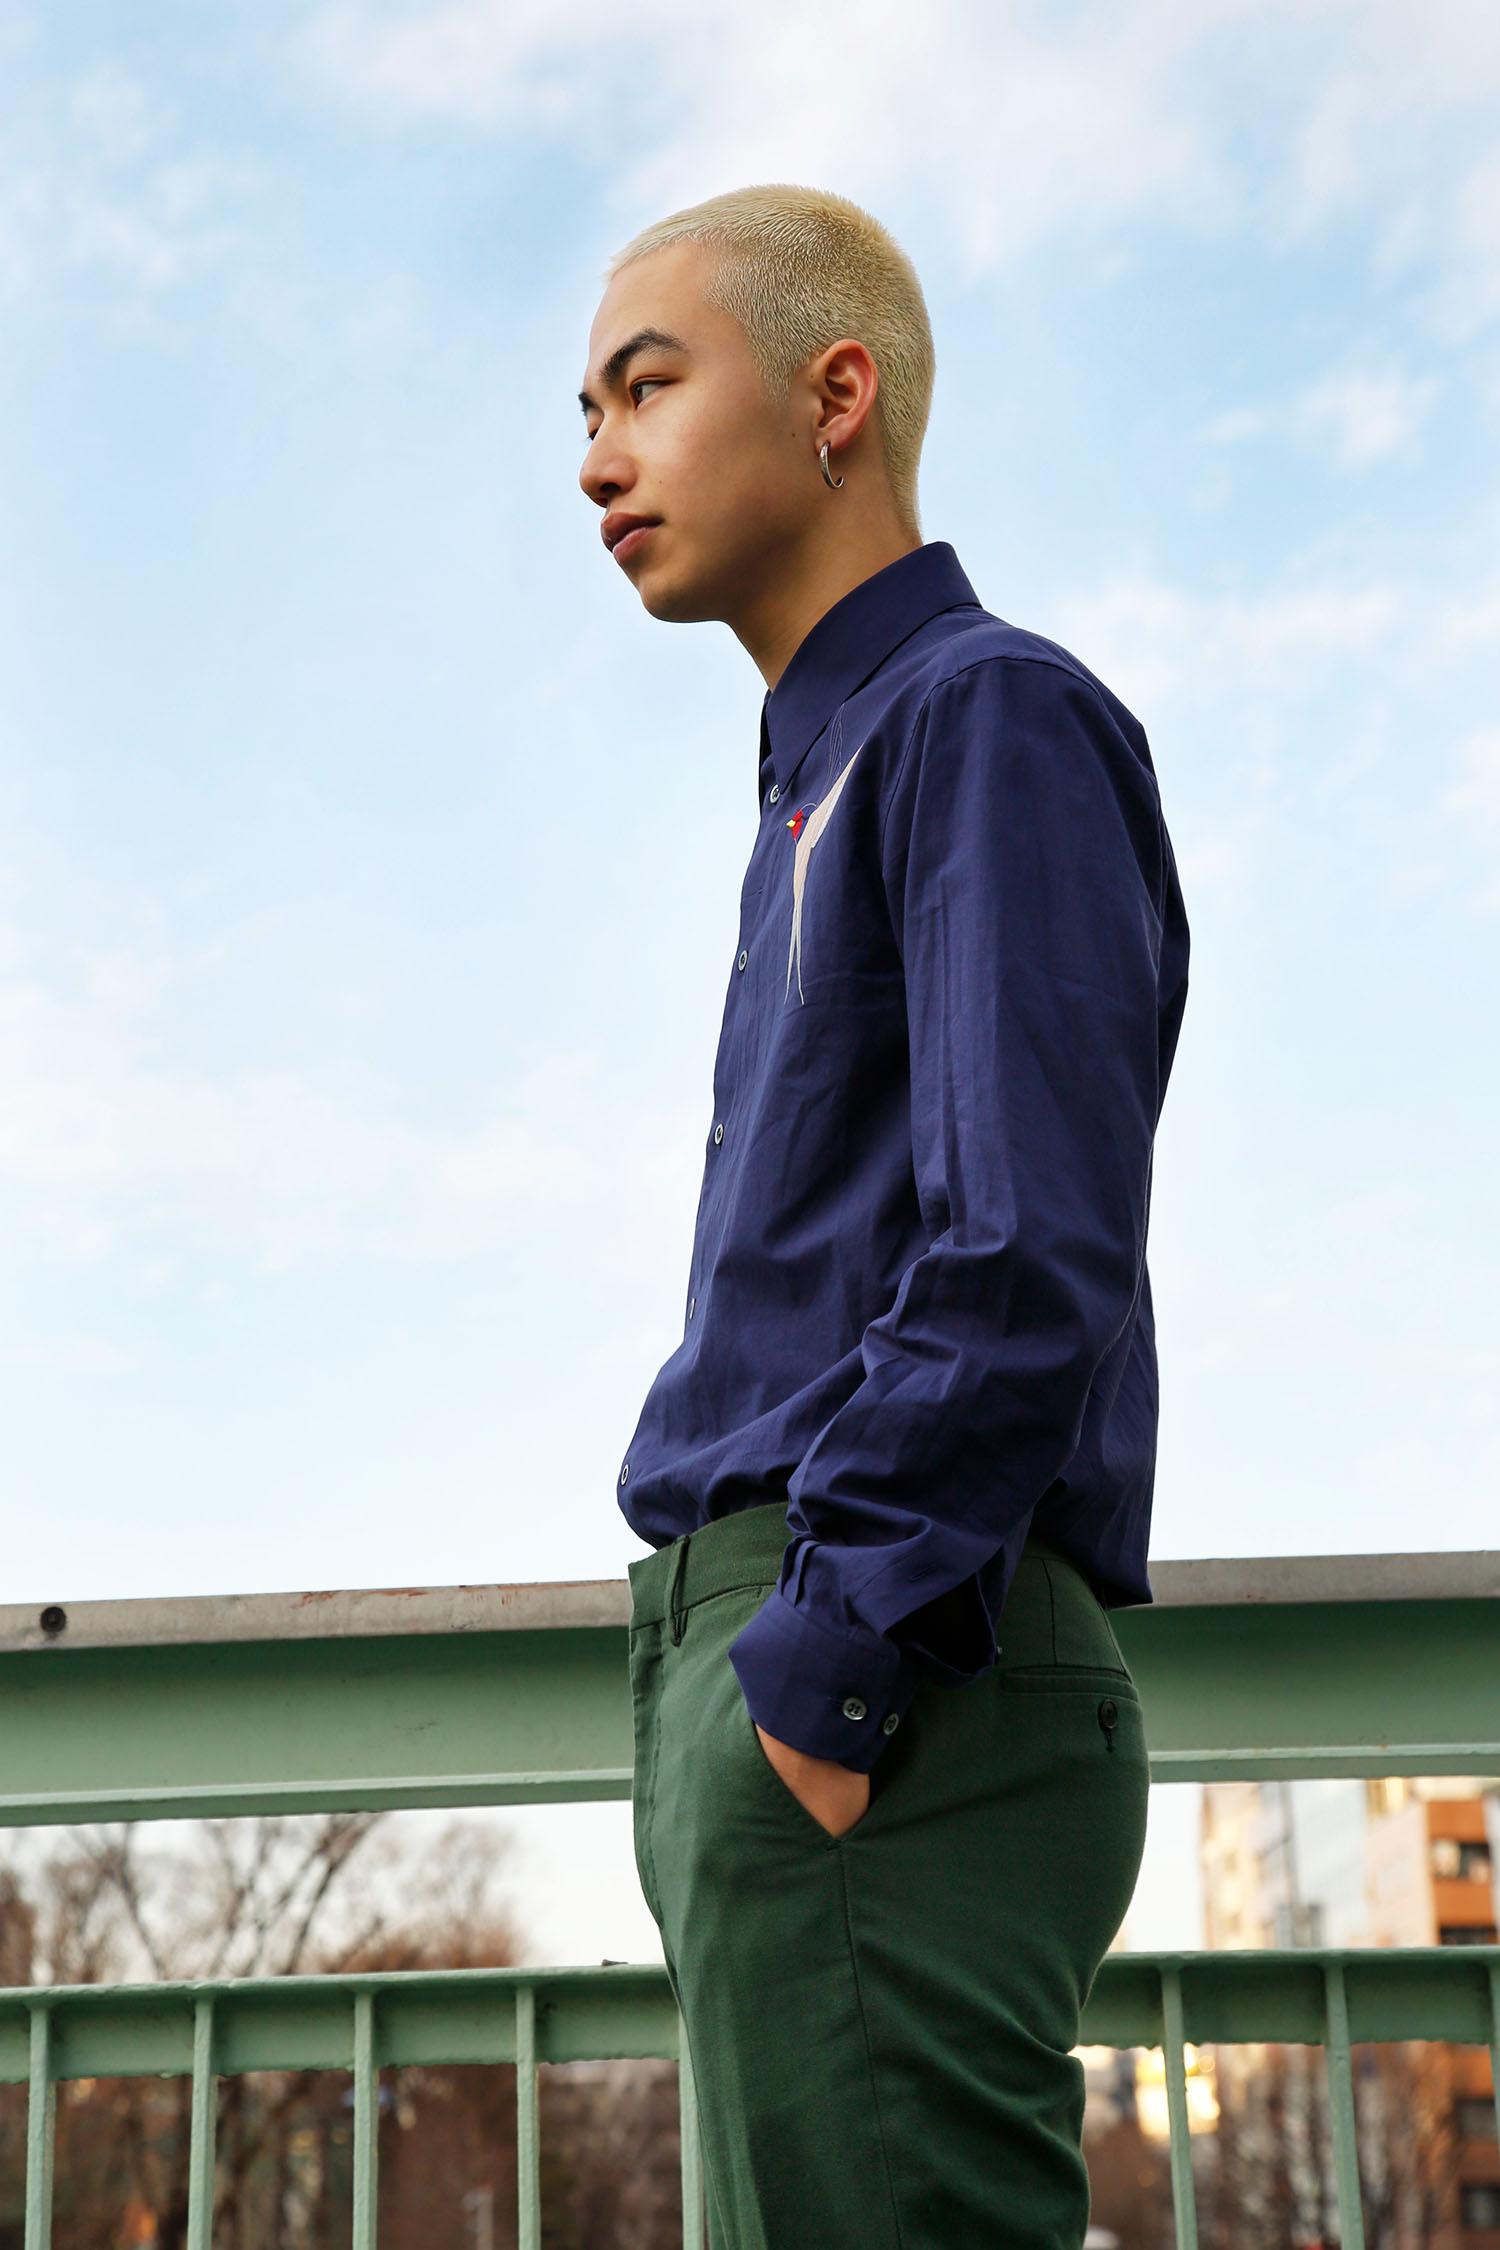 <The Look includes> シャツ ¥ 95,000、トラウザー ¥ 64,000 共に STELLA McCARTNEY MENSWEAR、ピアス モデル私物